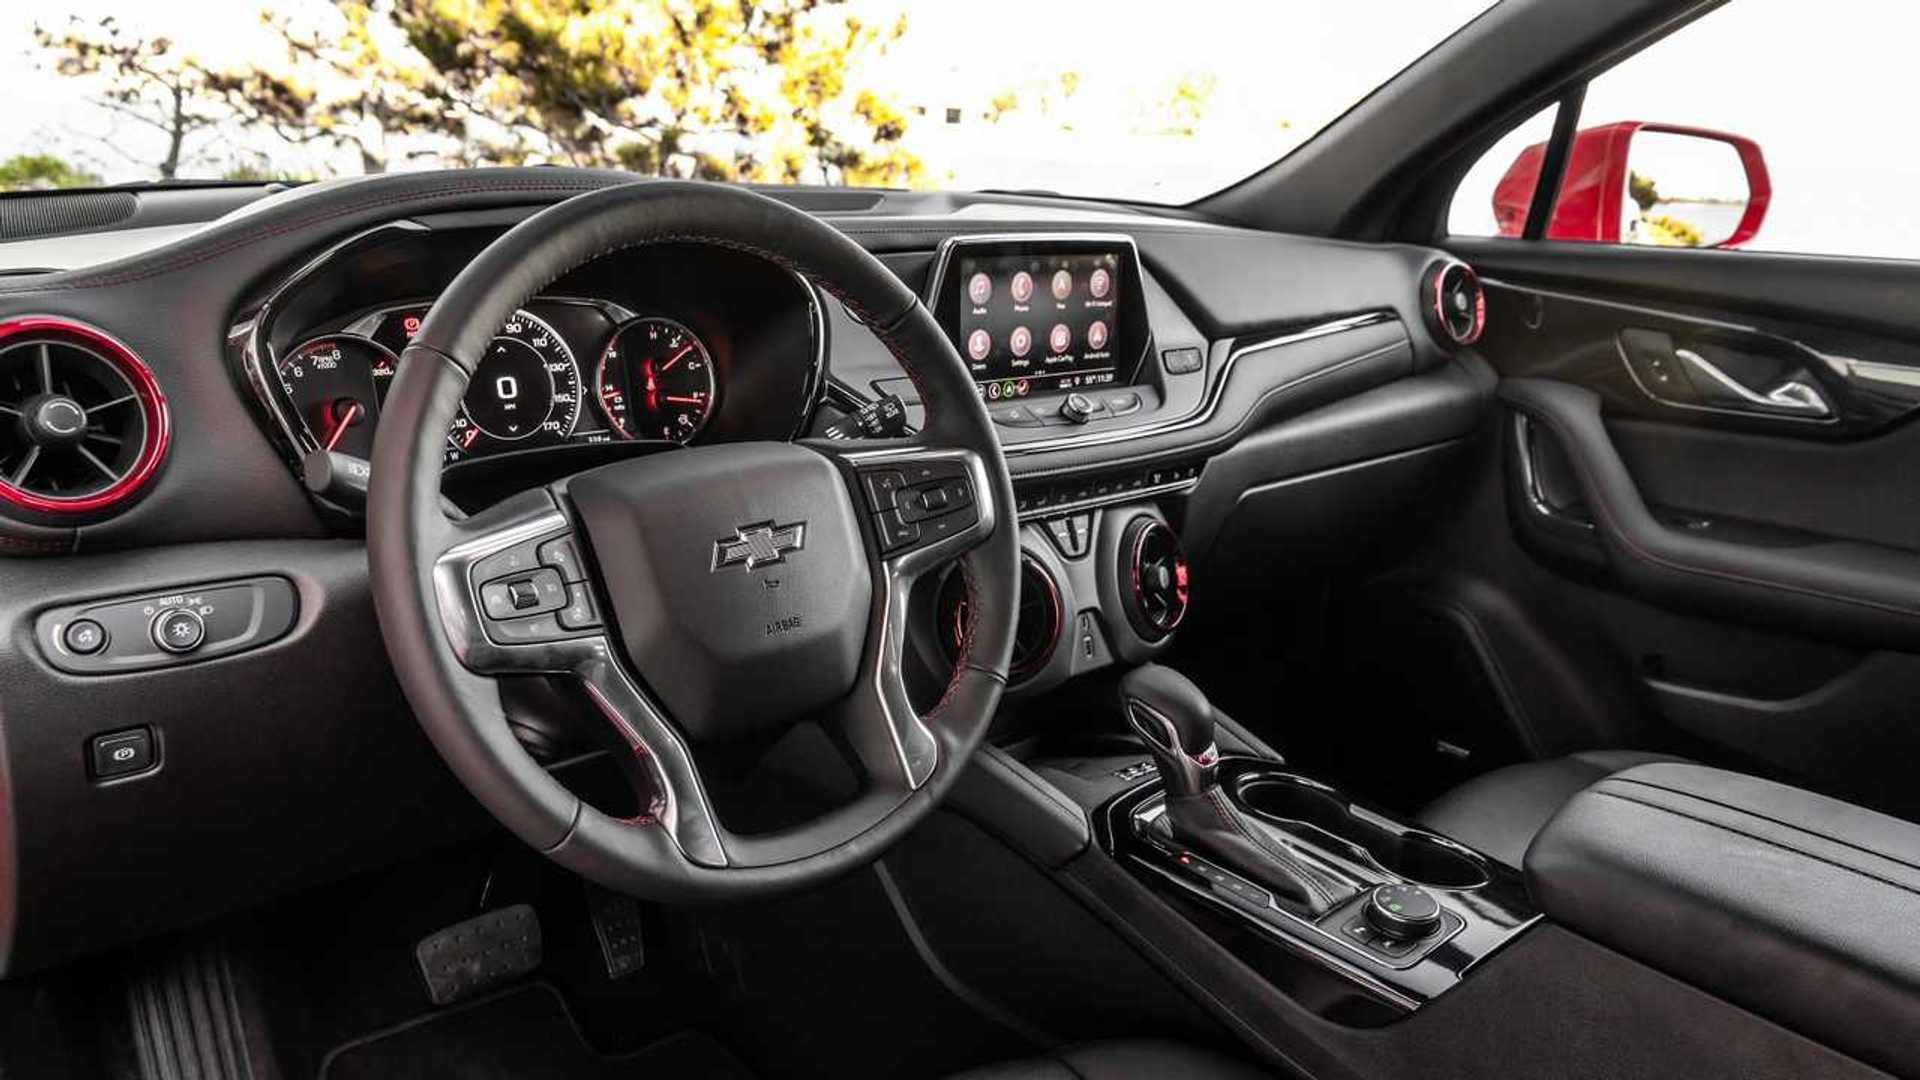 85c6431220 Já dirigimos Chevrolet Blazer RS  O bom ficou no passado